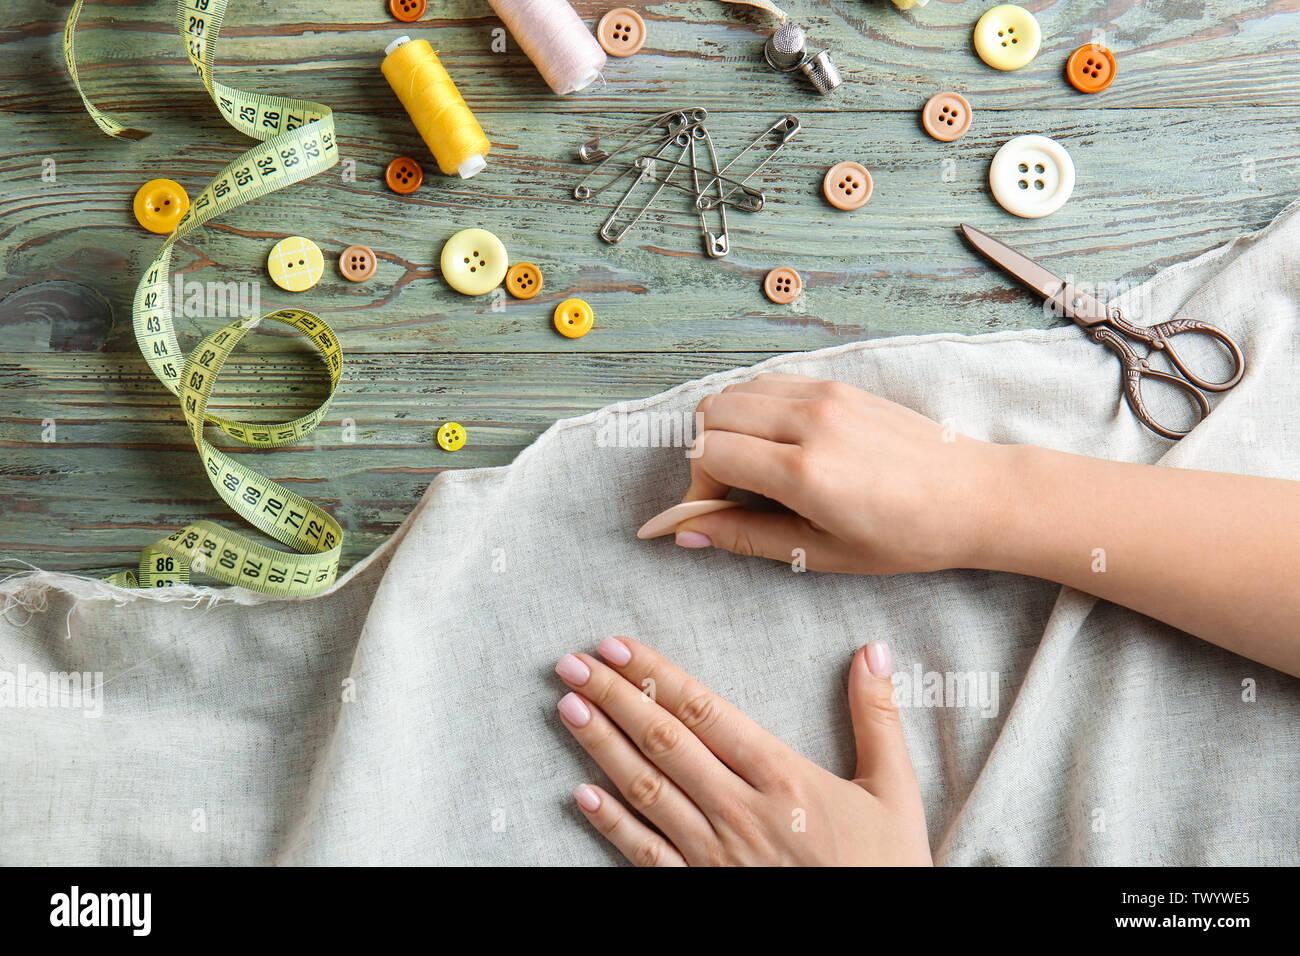 Tailleur femme avec un tissu et craie à tableau en bois Photo Stock